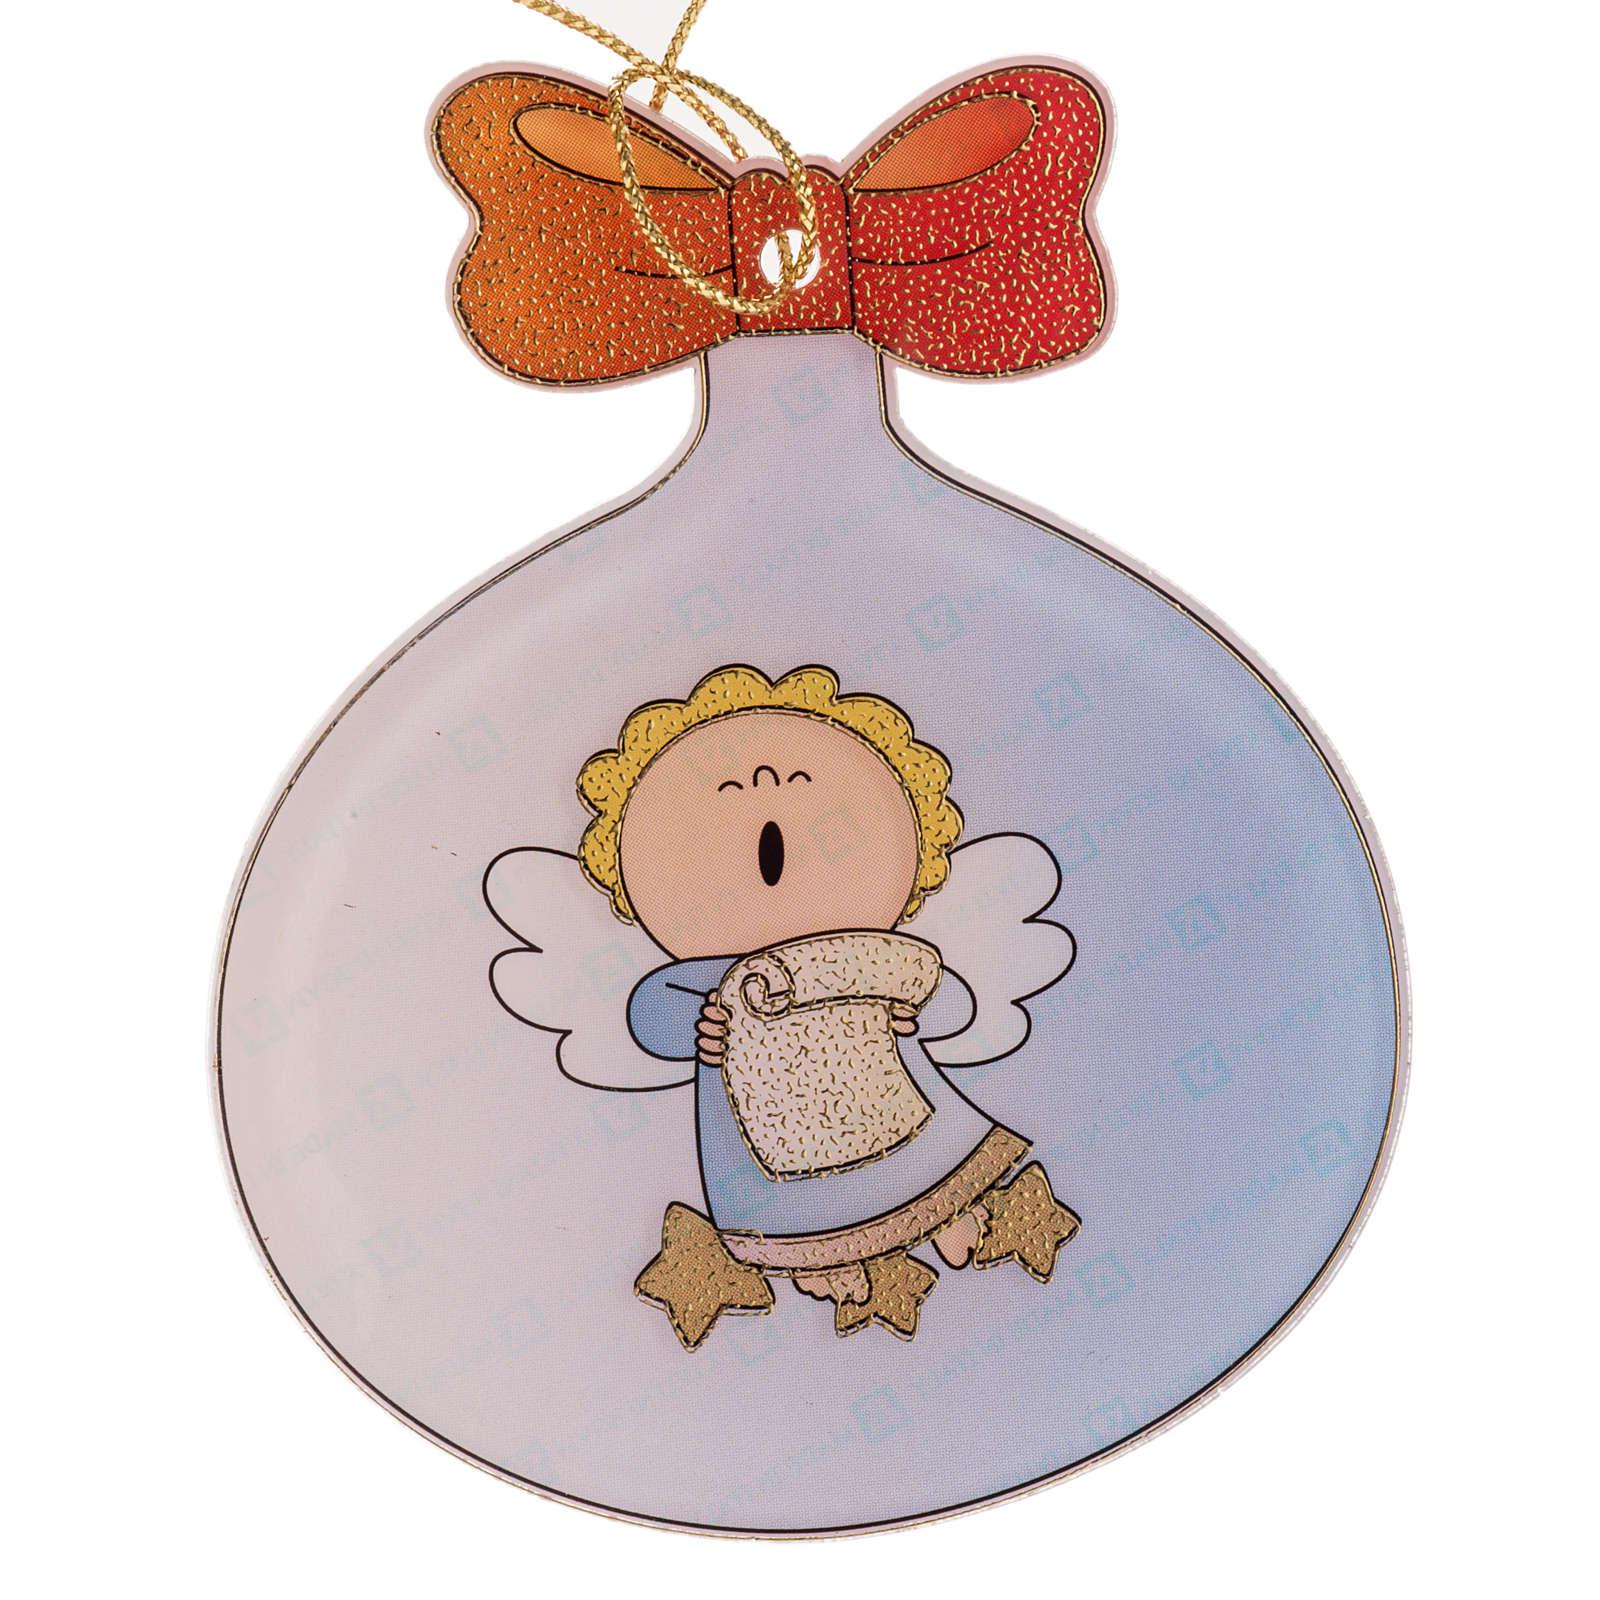 Décoration Sapin de Noel ange plexiglas 4